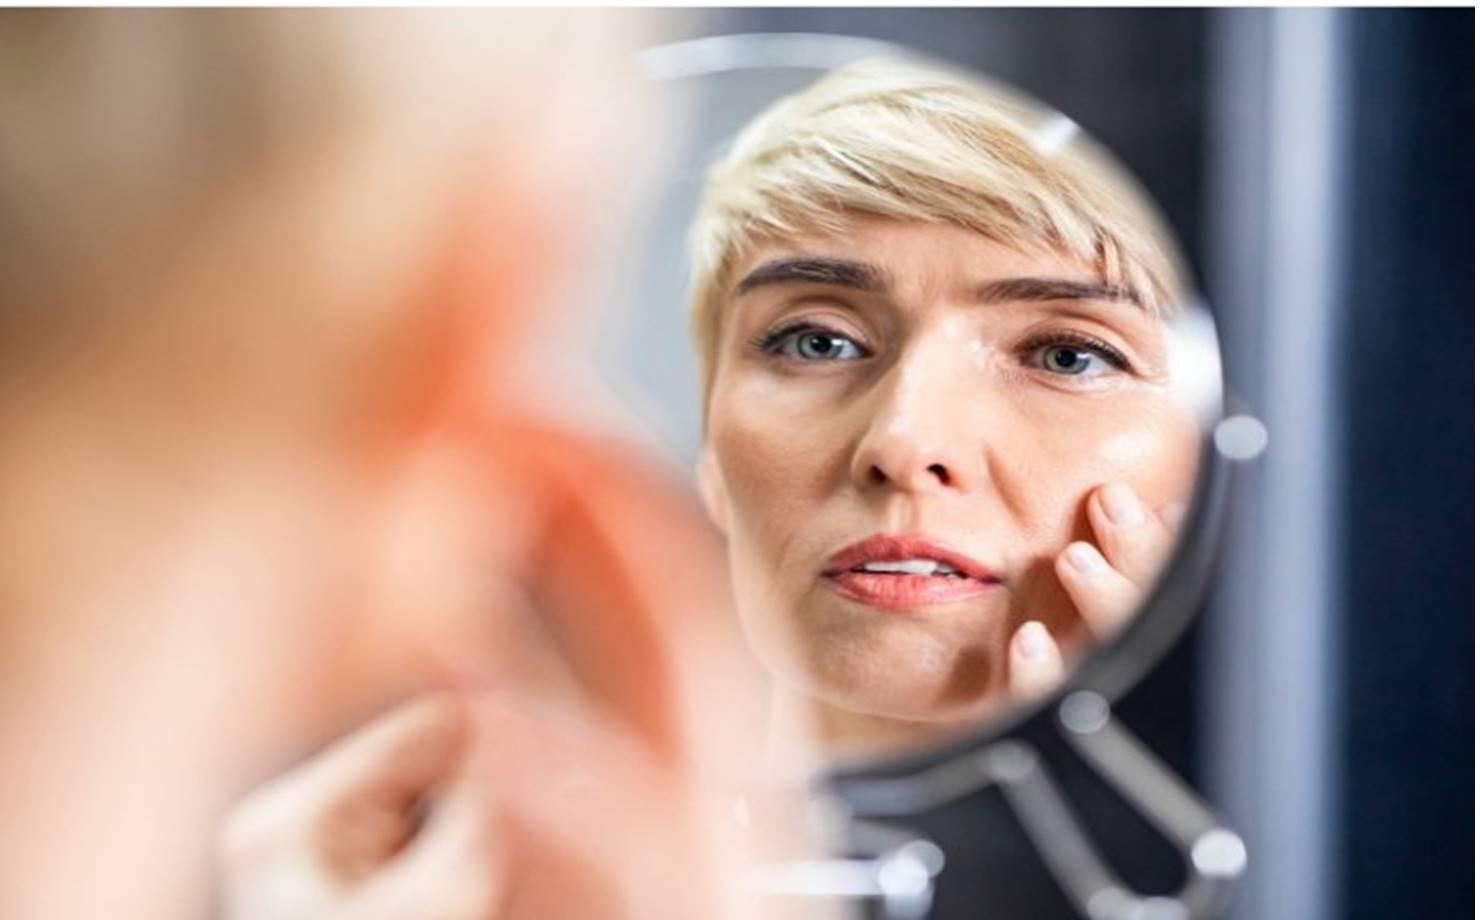 Mulher na Frente do Espelho